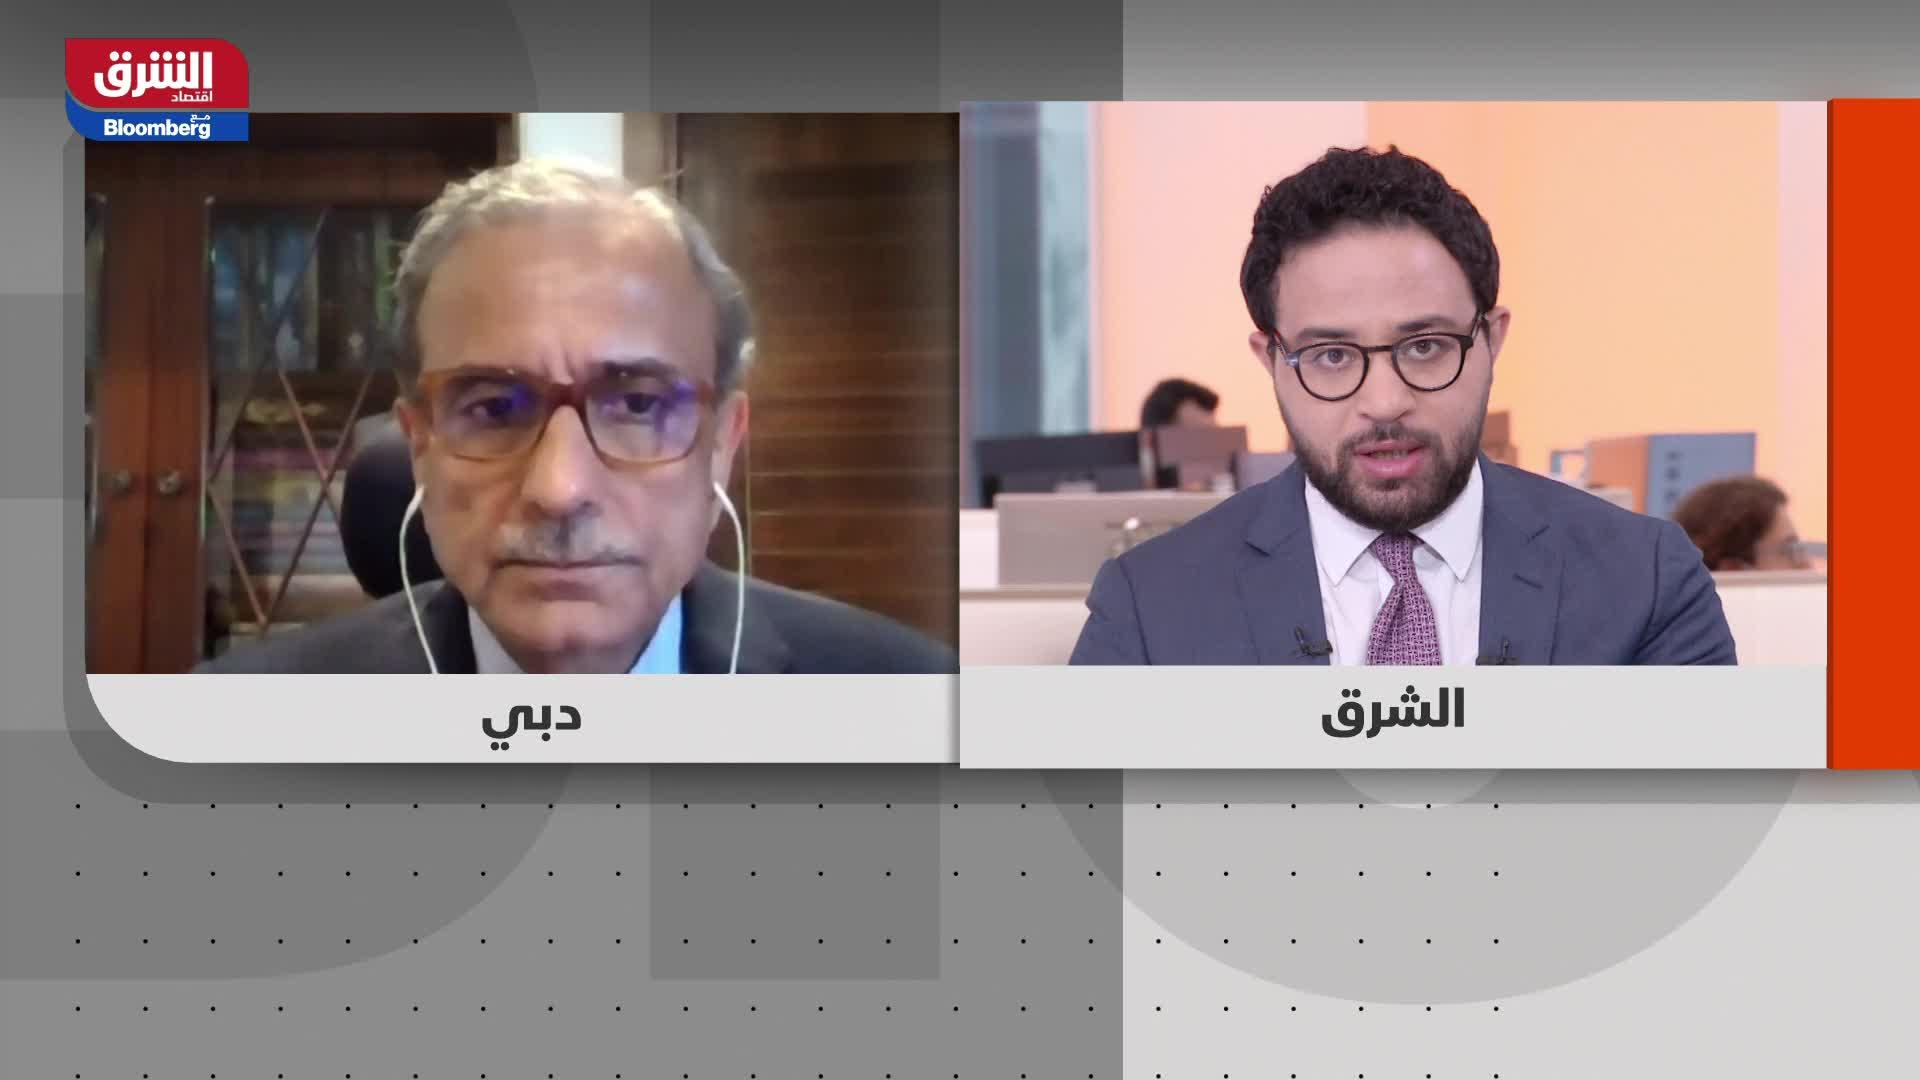 هل هناك نظرة إيجابية لقطاع البنوك في الإمارات على المدى المتوسط والطويل؟